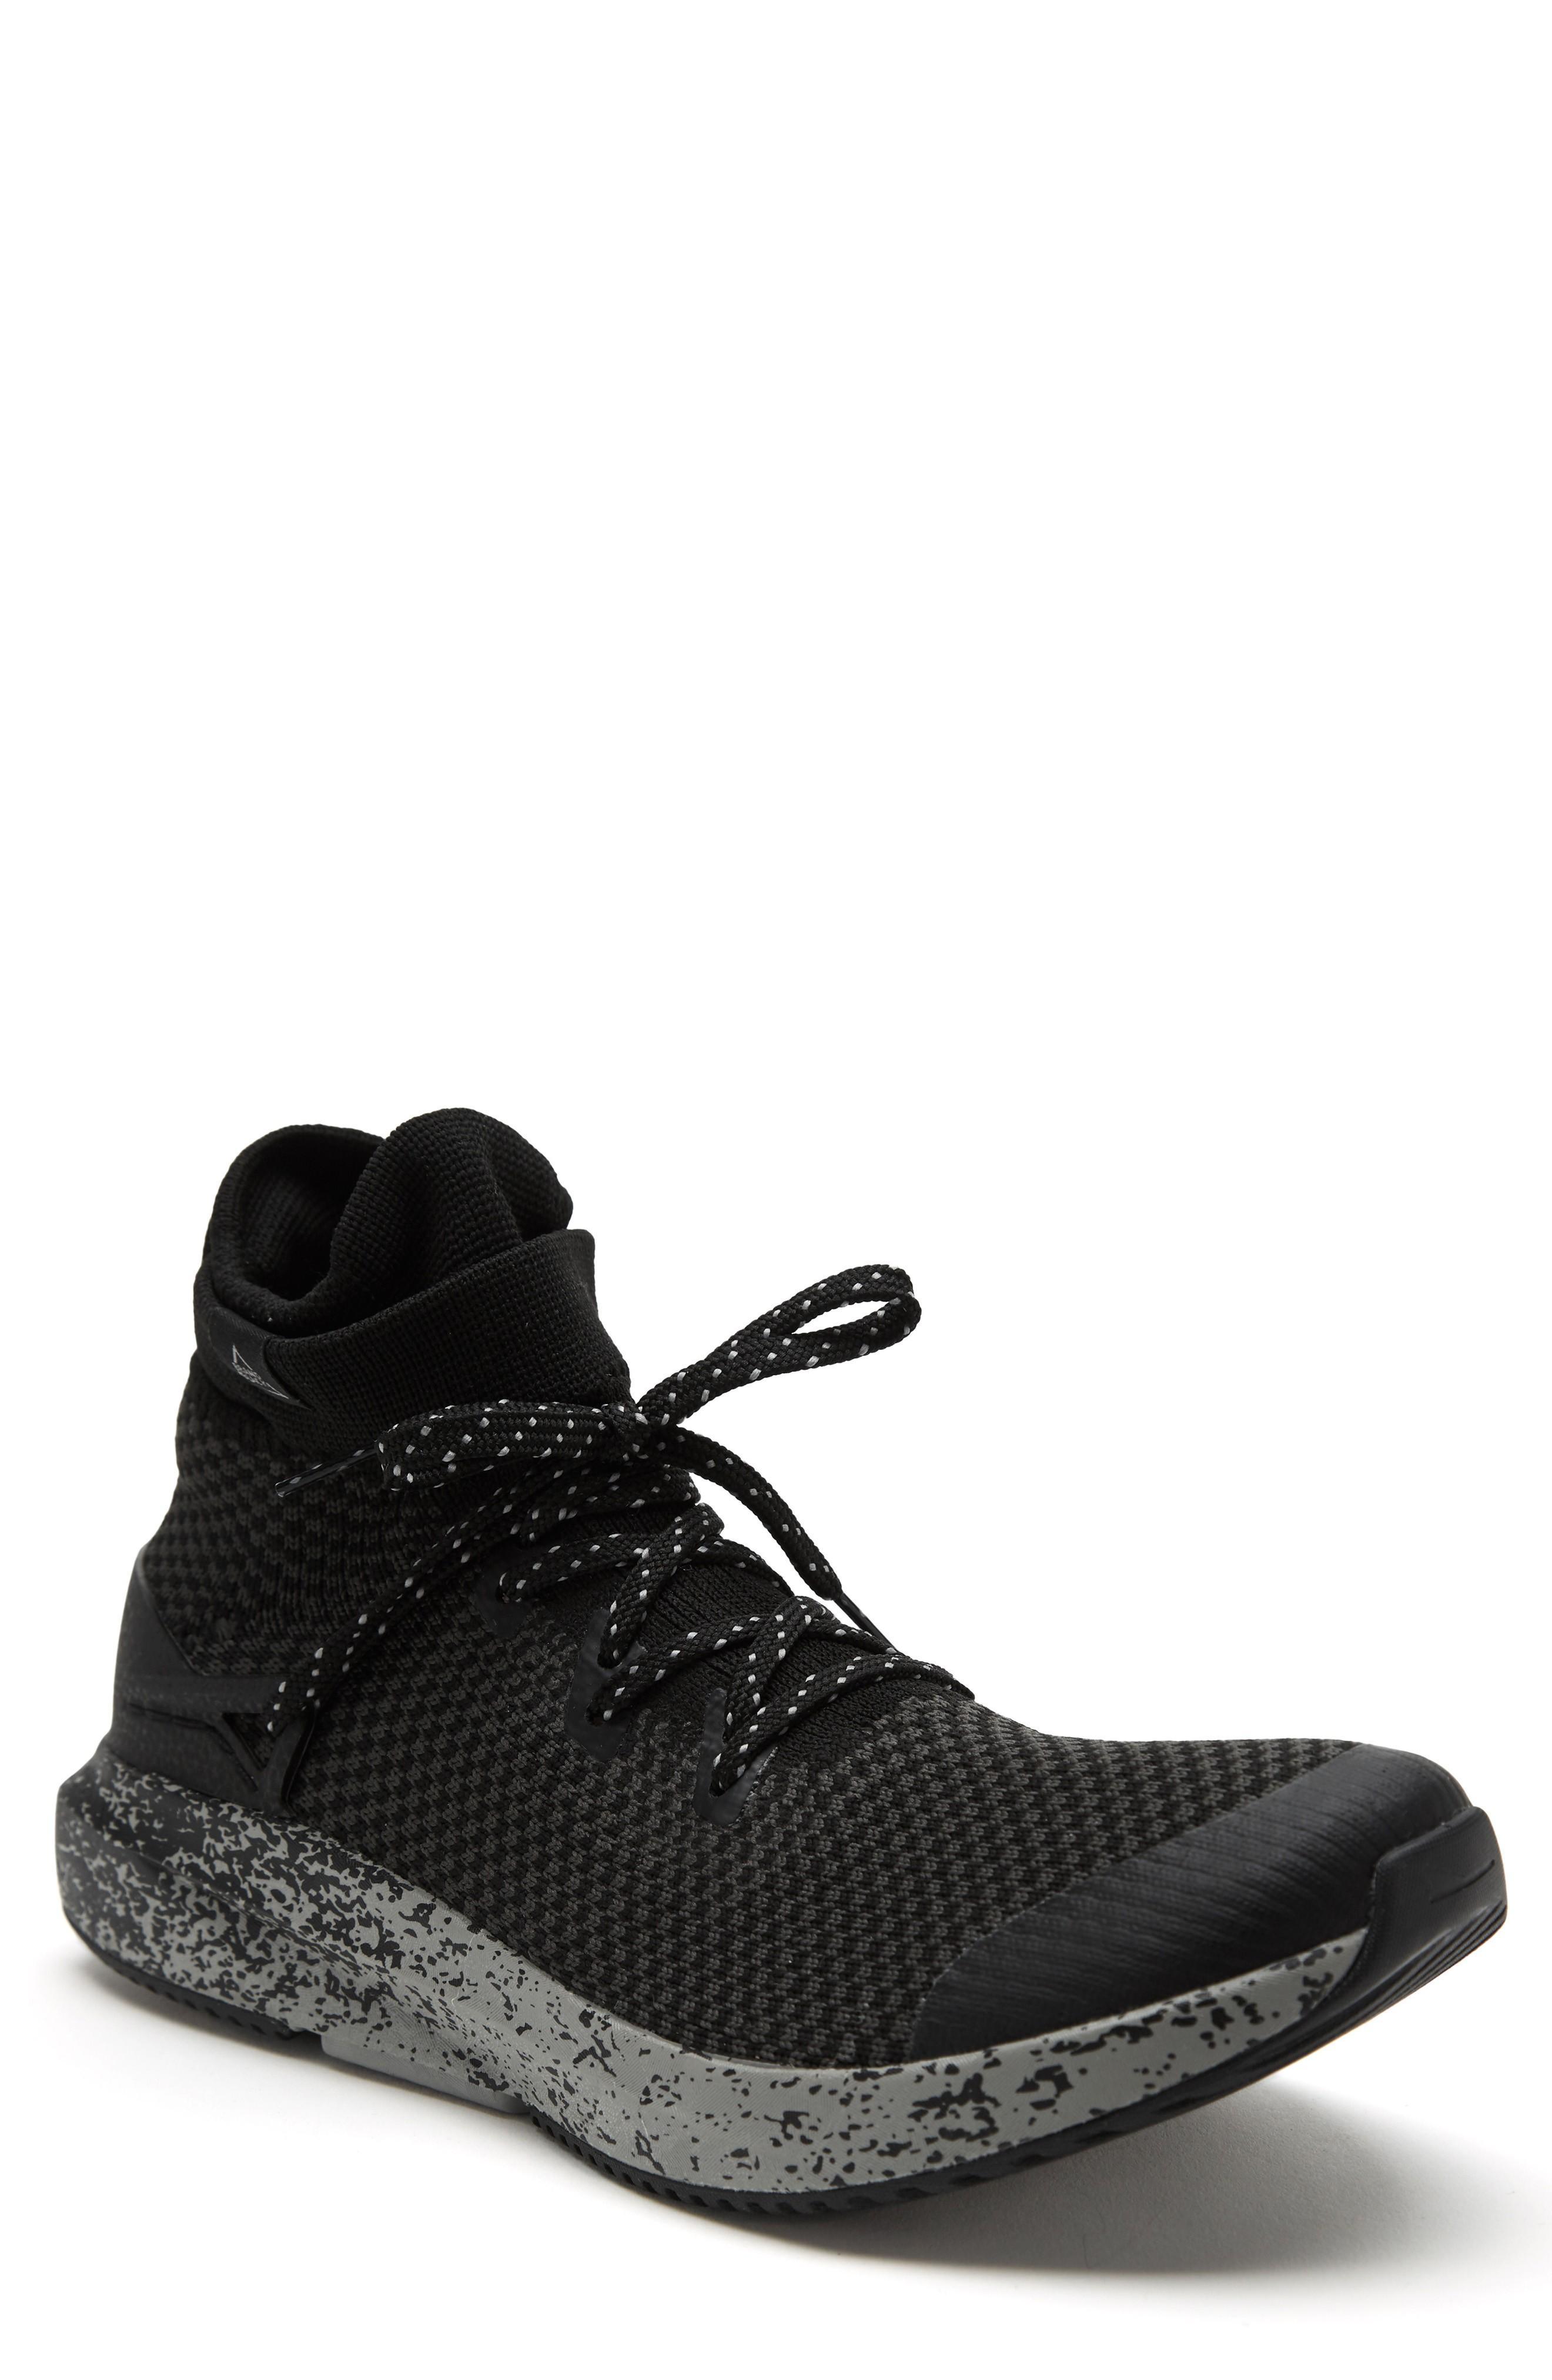 Brandblack Kaze Knit Sneaker Boot In Black